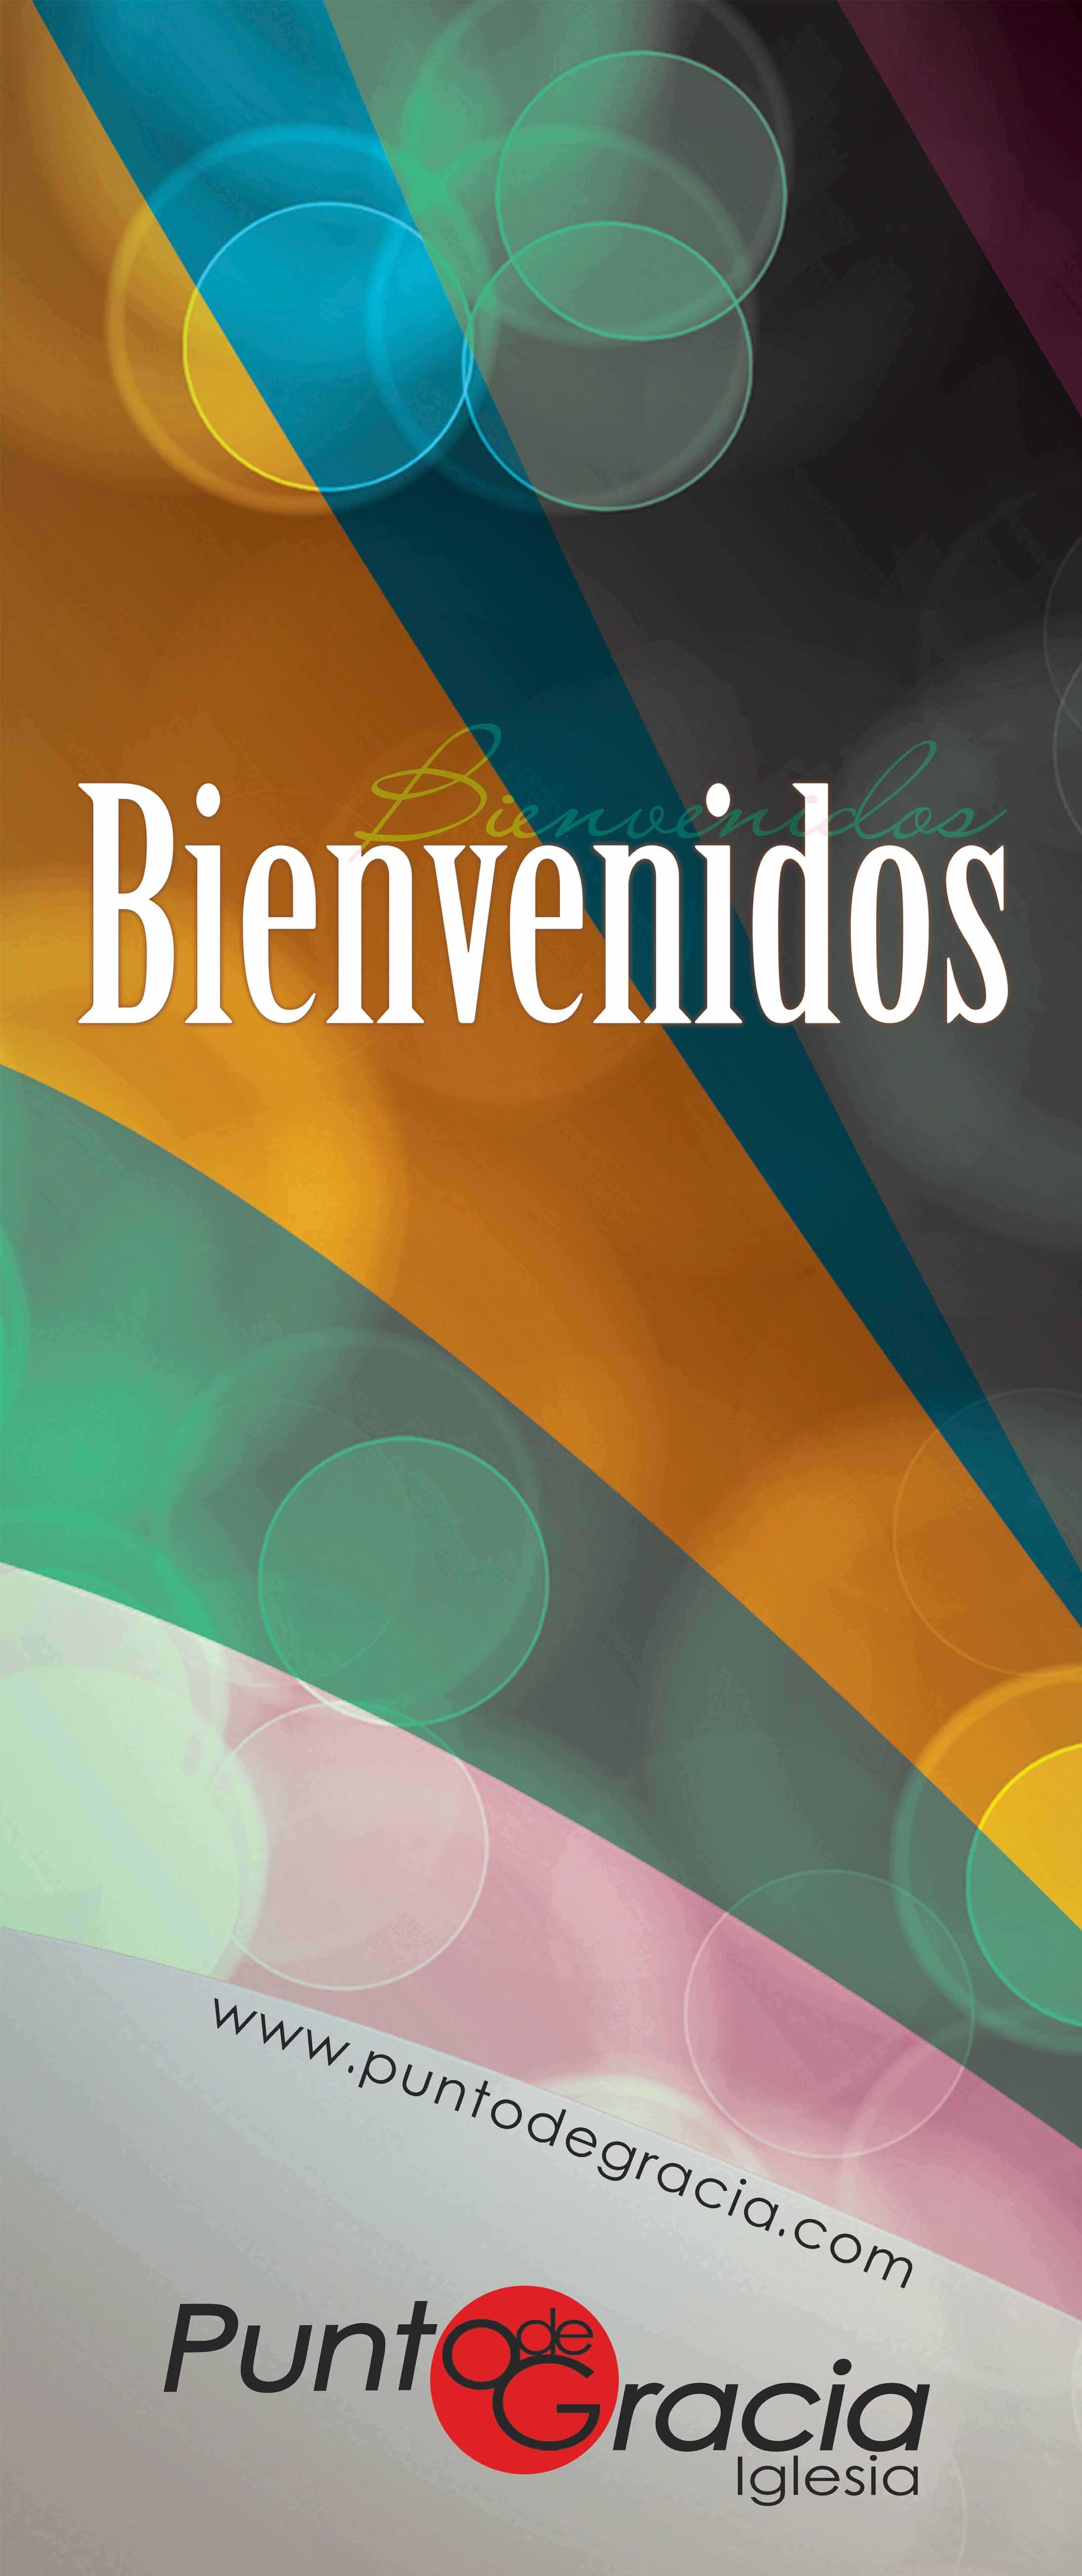 Banner PuntodeG.jpg